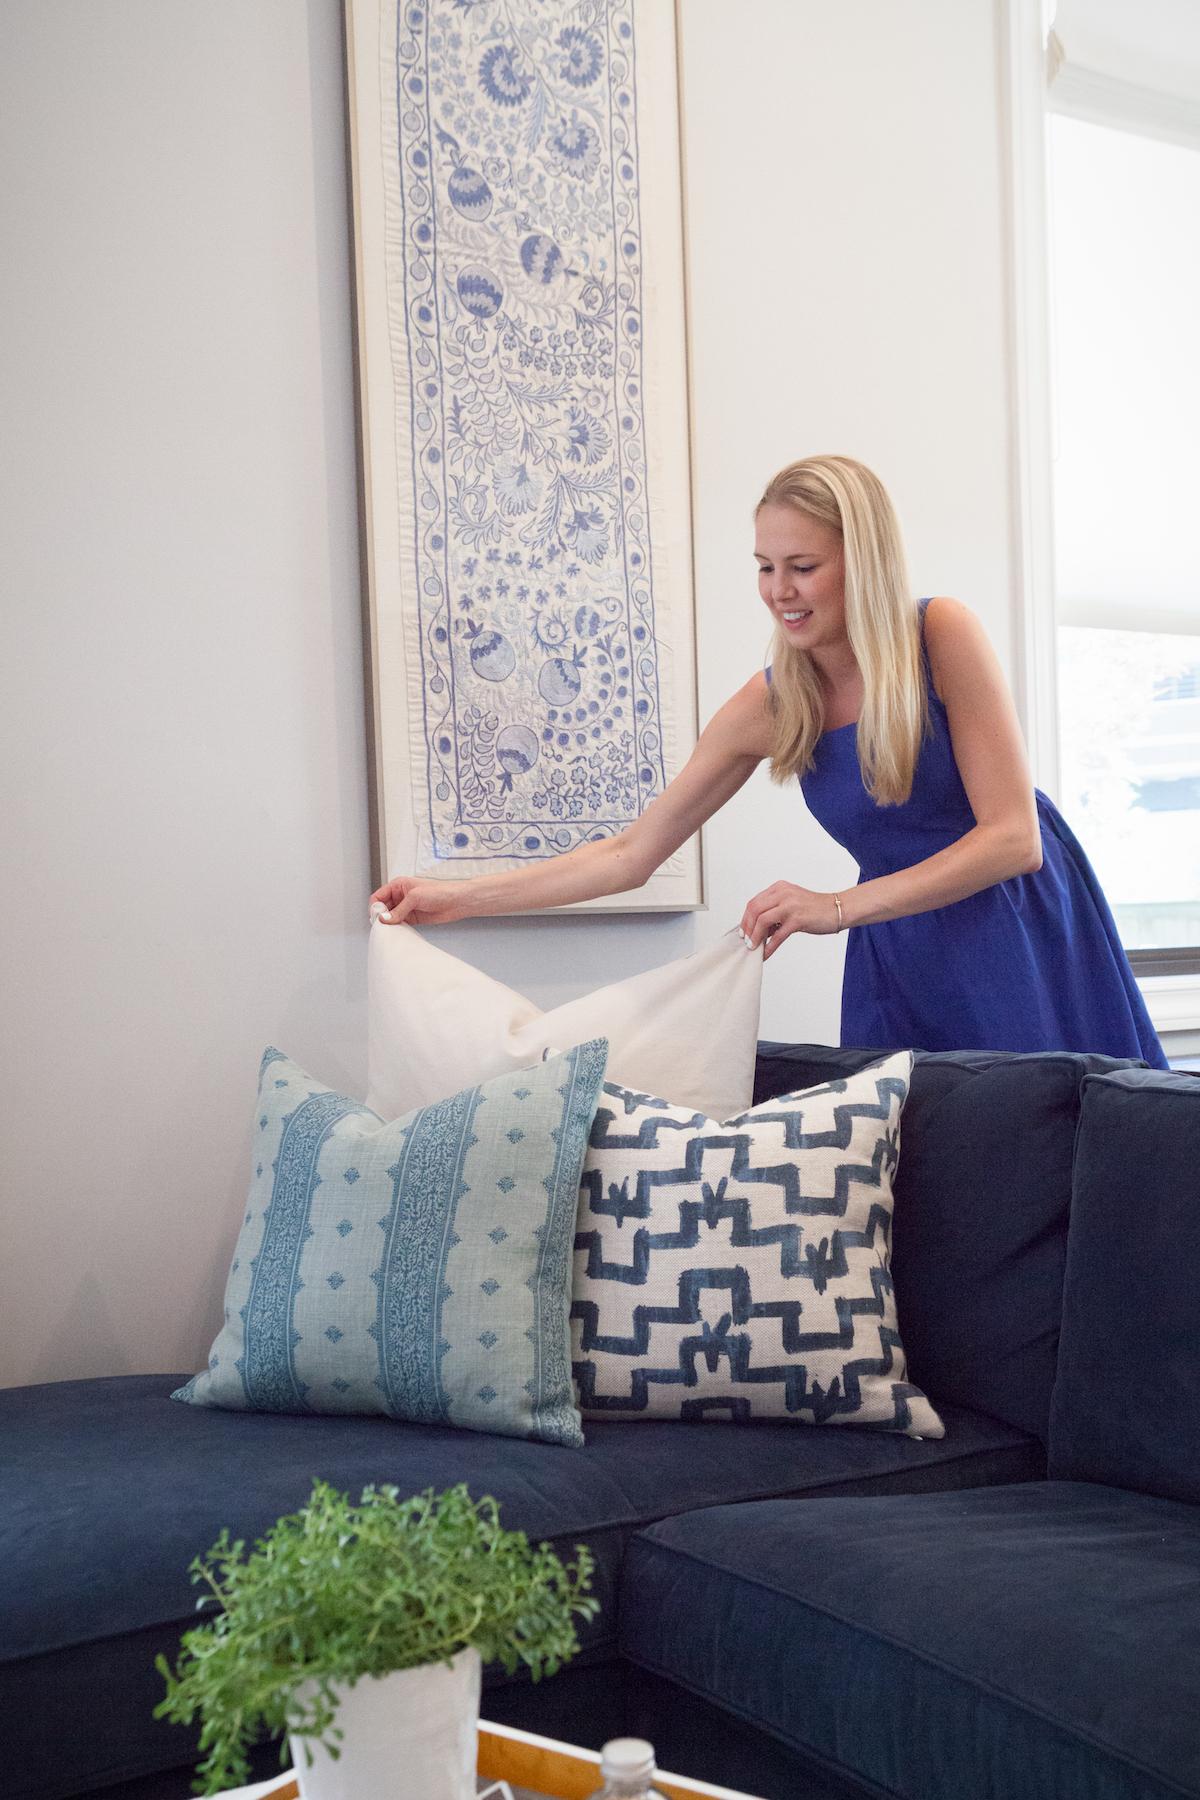 Hannah_Schickel_Interiors_Designer_Decorating_Pillows_blue.jpg